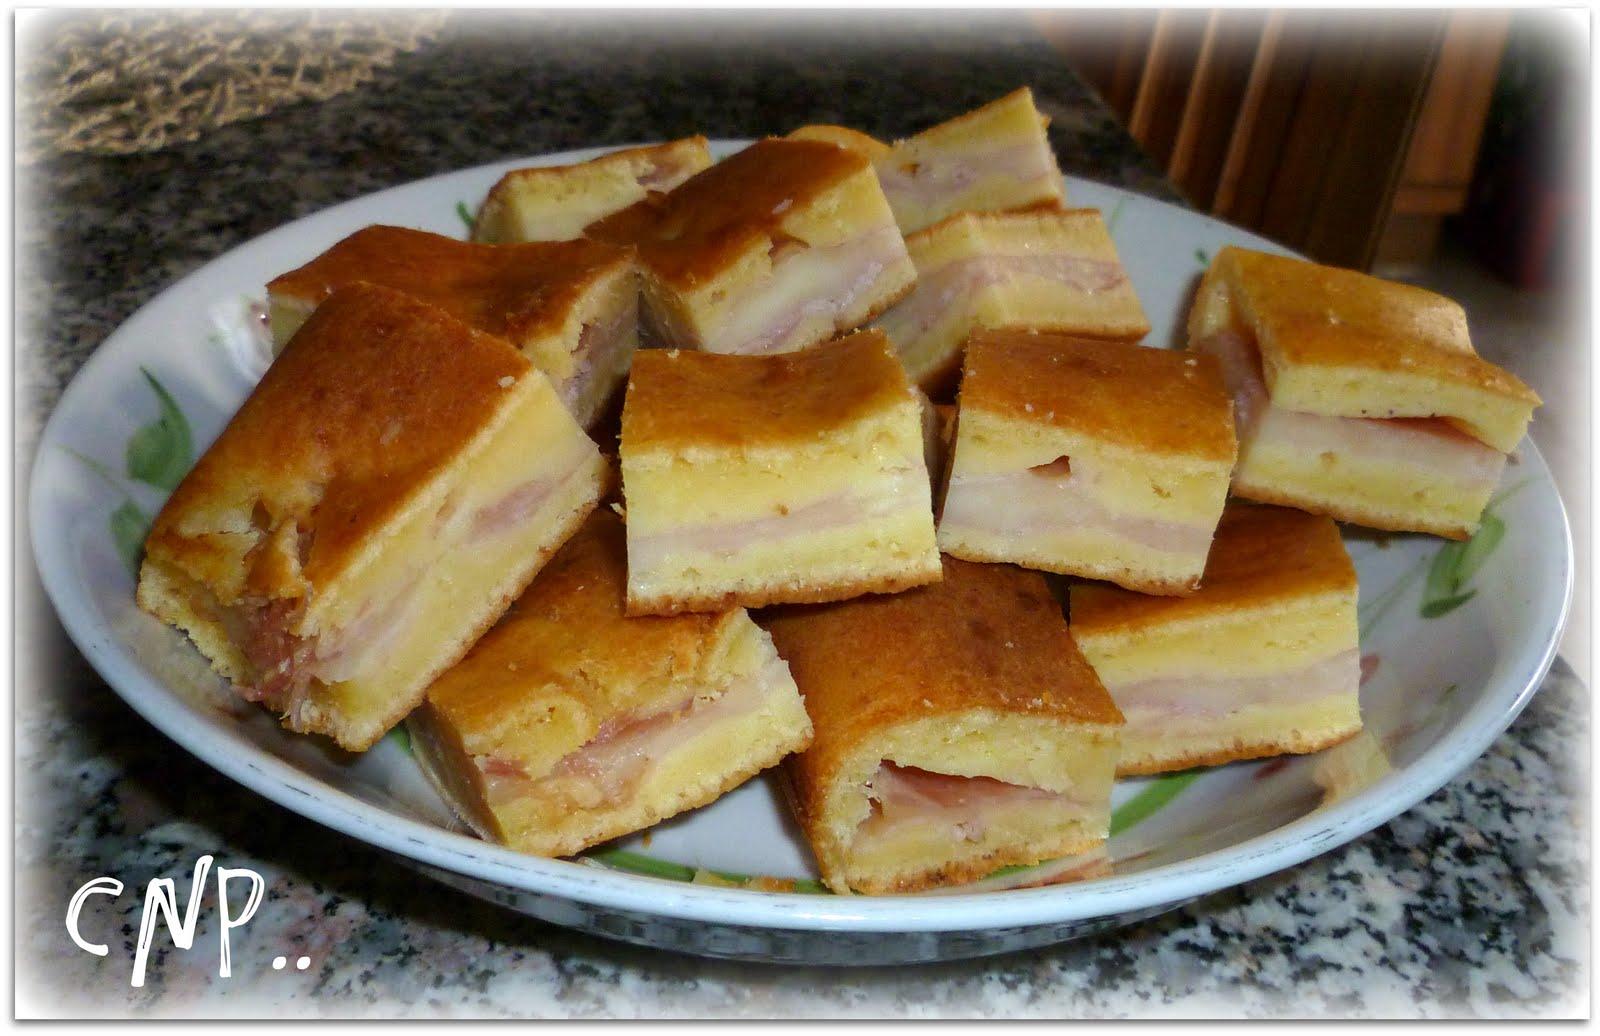 Favoloso CNP: Cuciniamo Noi o ci Proviamo: Cubotti salati BX93